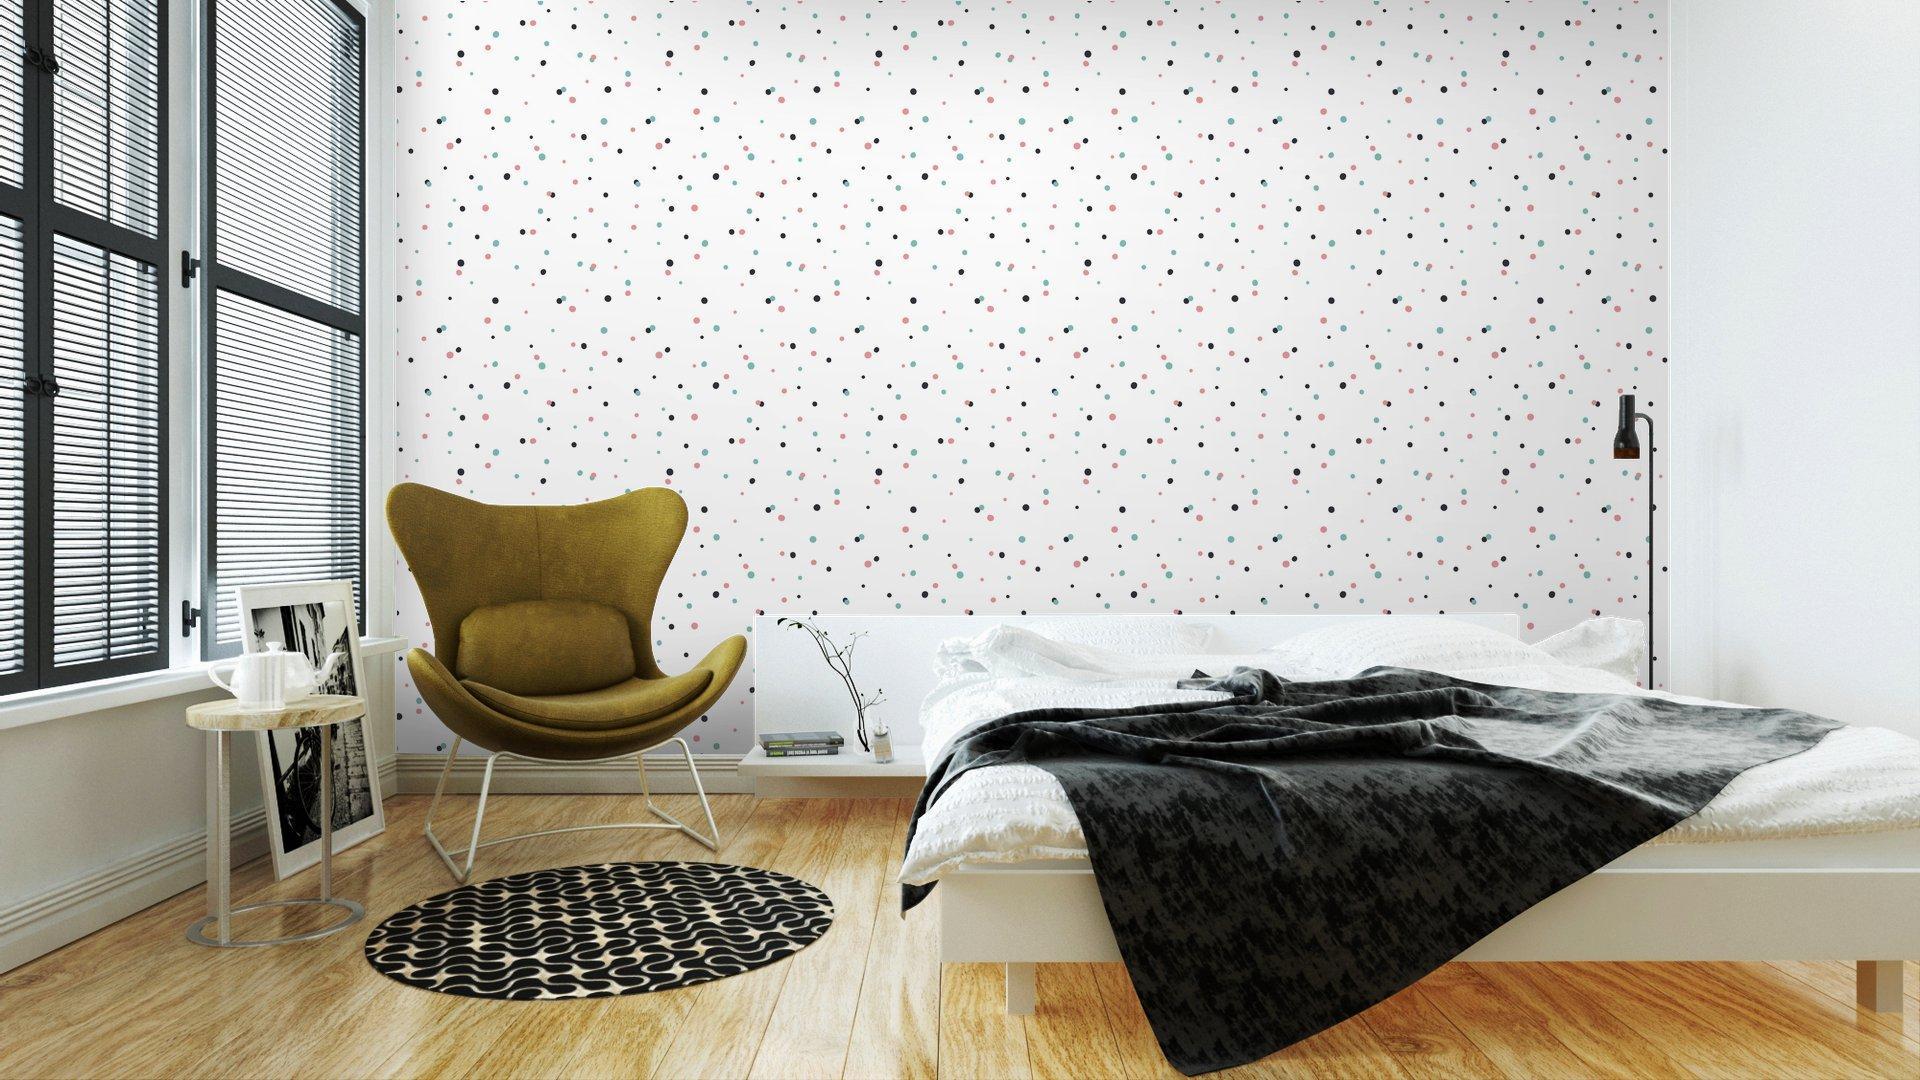 Fotomurales mexico papeles pintados autoadhesivos patron abstracto sobre fondo blanco con negro y gol 3 1 - Papel Tapiz Puntos de Colores en Fondo Blanco 02